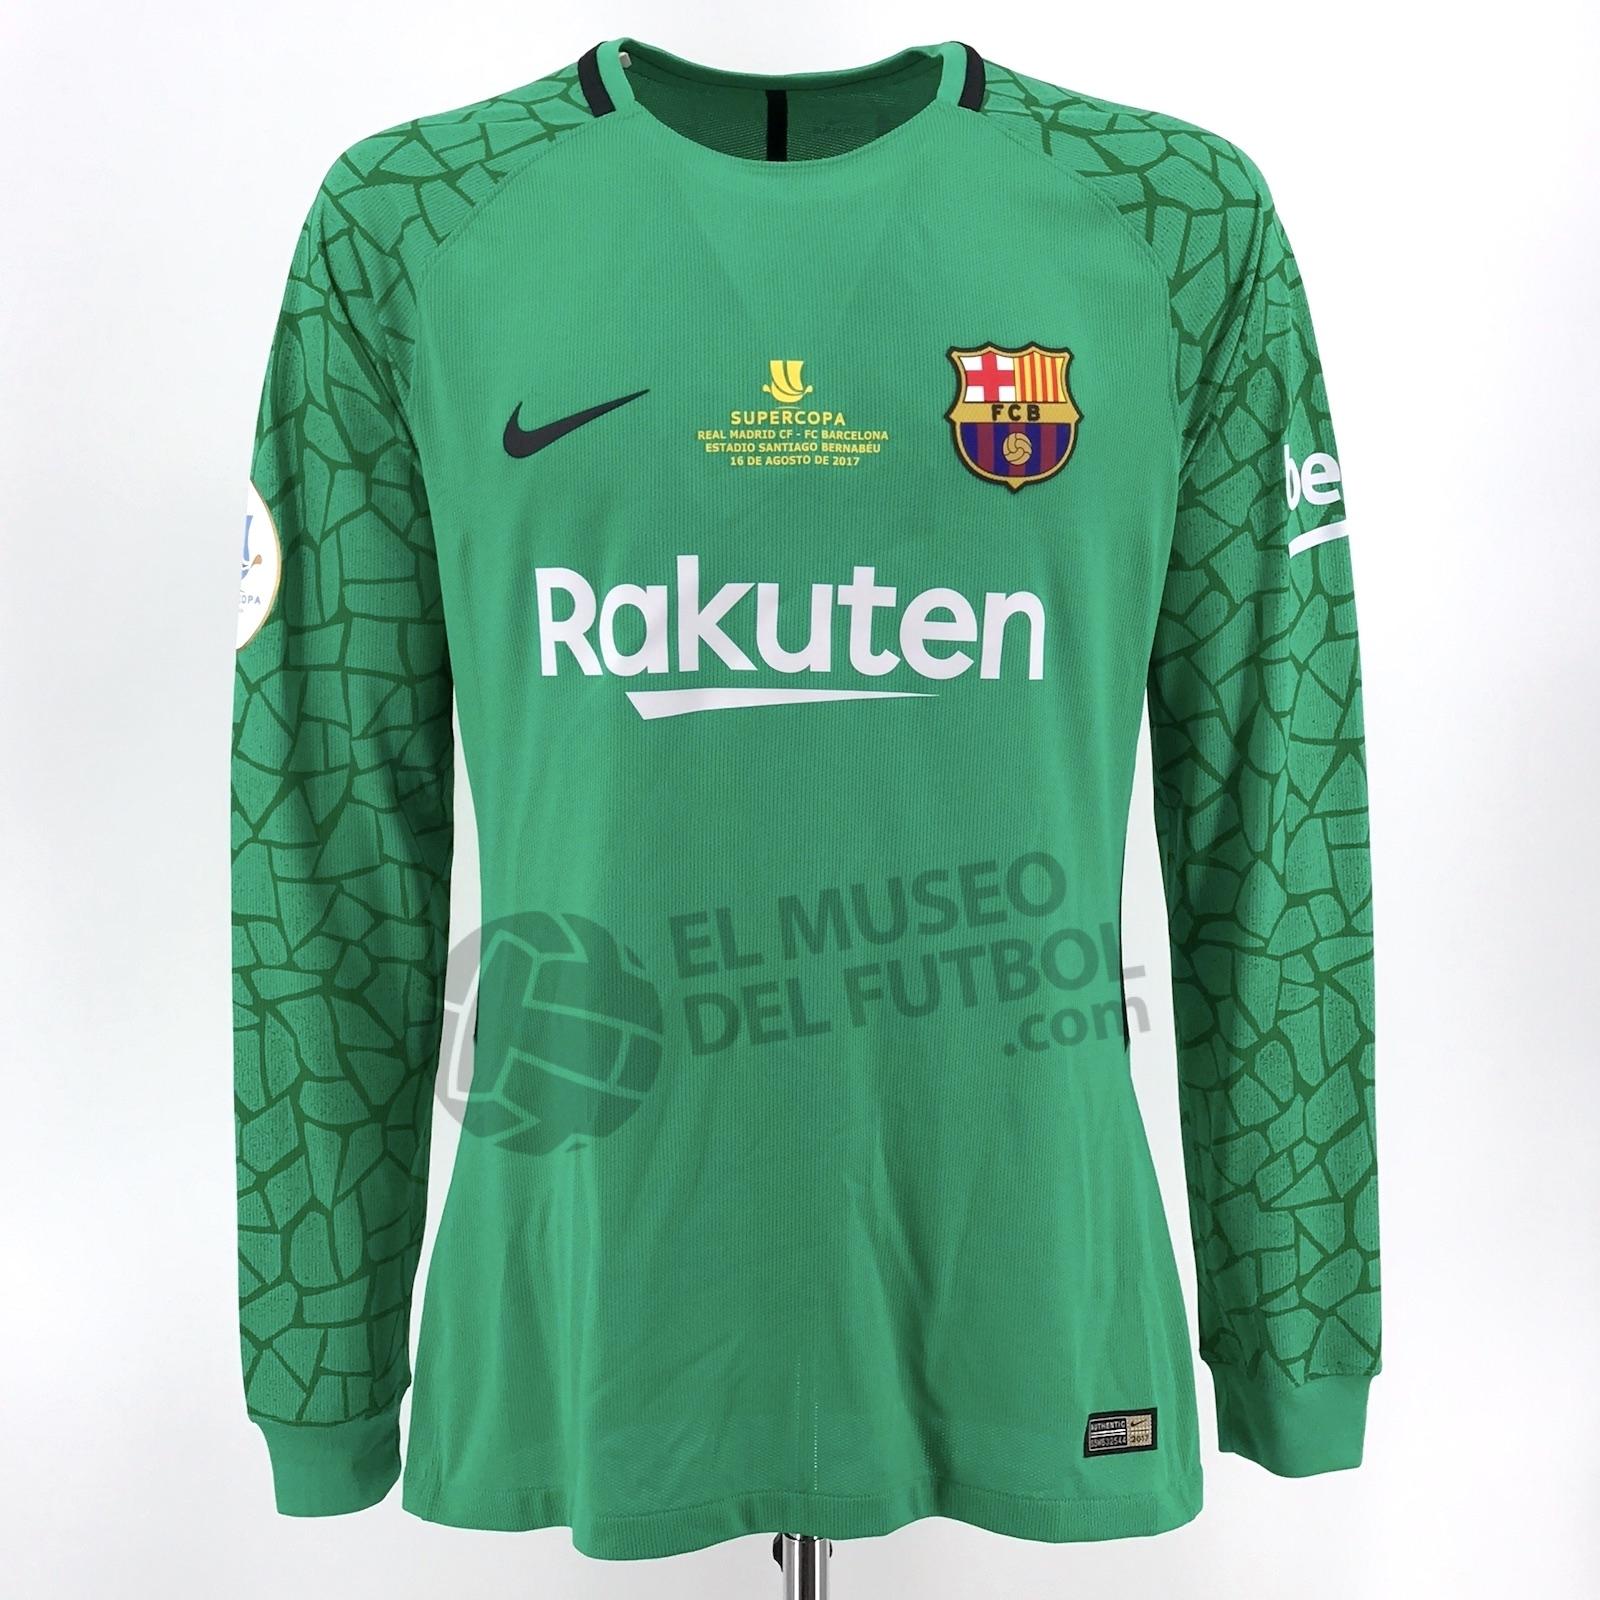 ab1ec7ae470 Fc Barcelona 17-18 Goalkeeper Green Shirt TER STEGEN LS Supercopa 2nd Leg*  – El Museo del Futbol